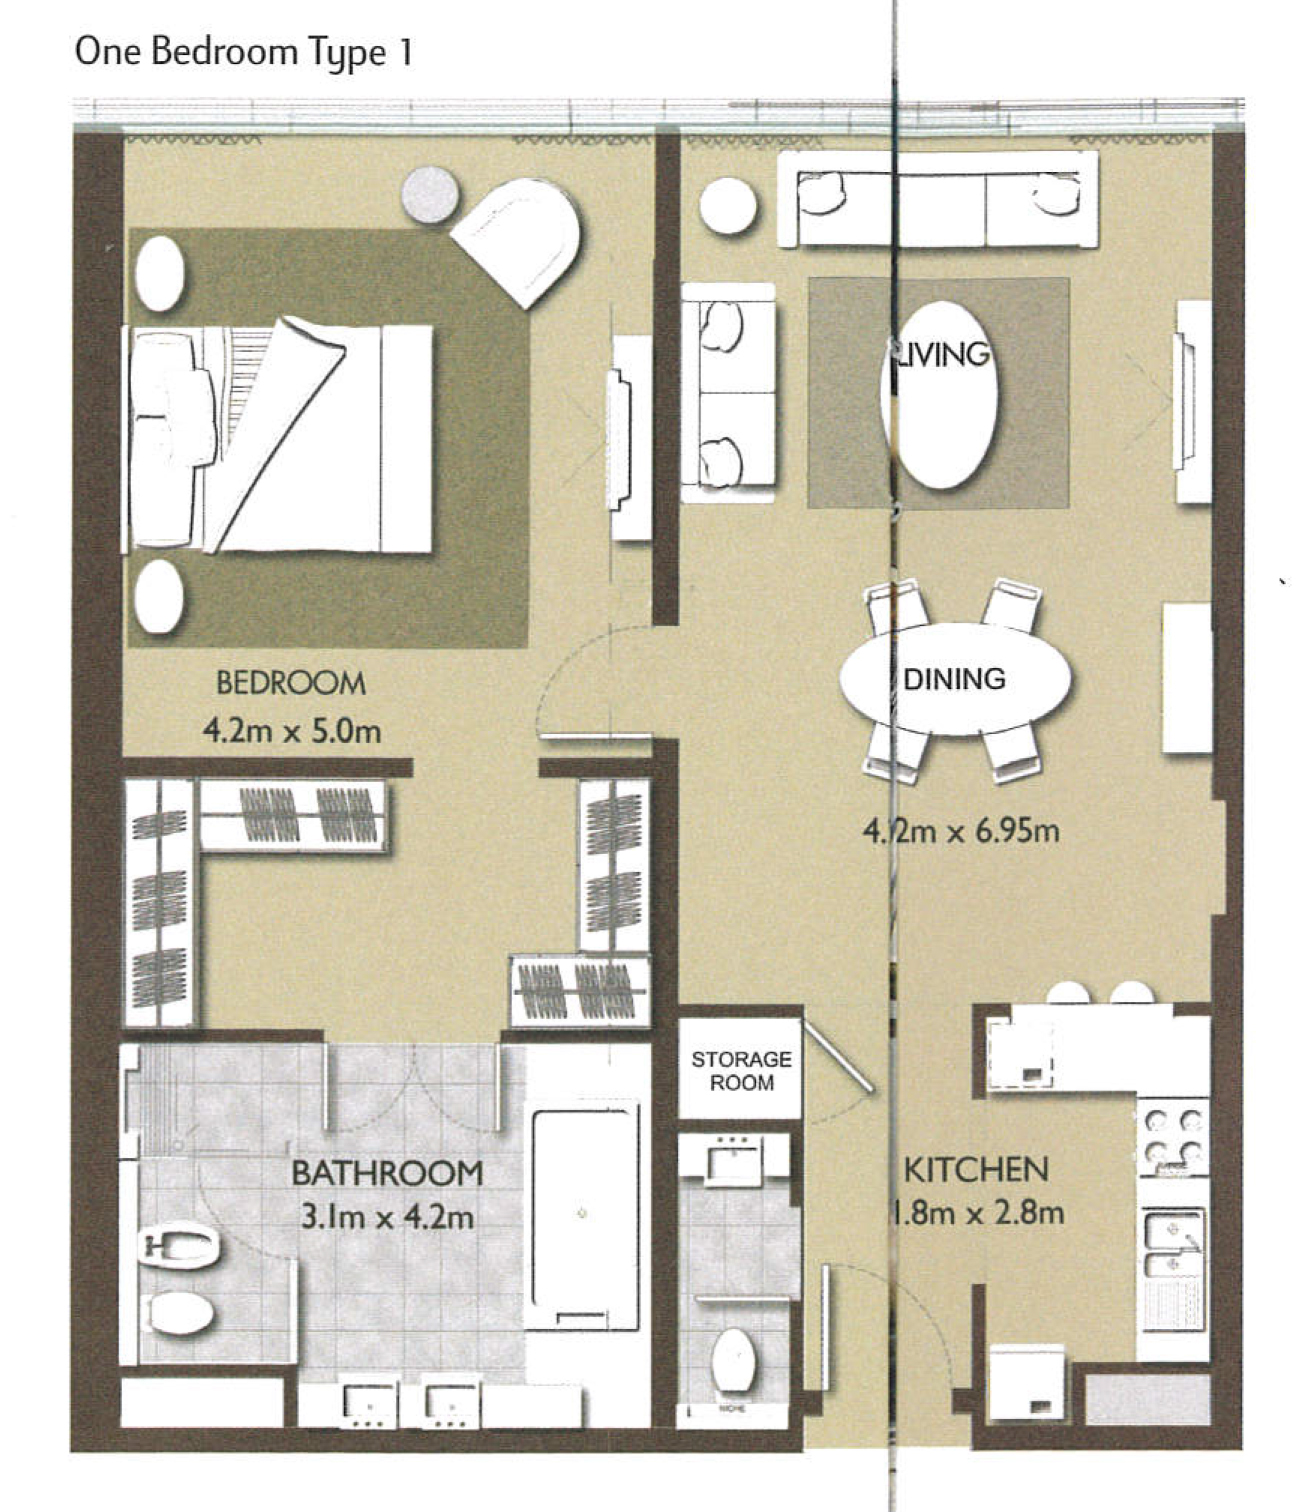 1 Bedroom Type-1